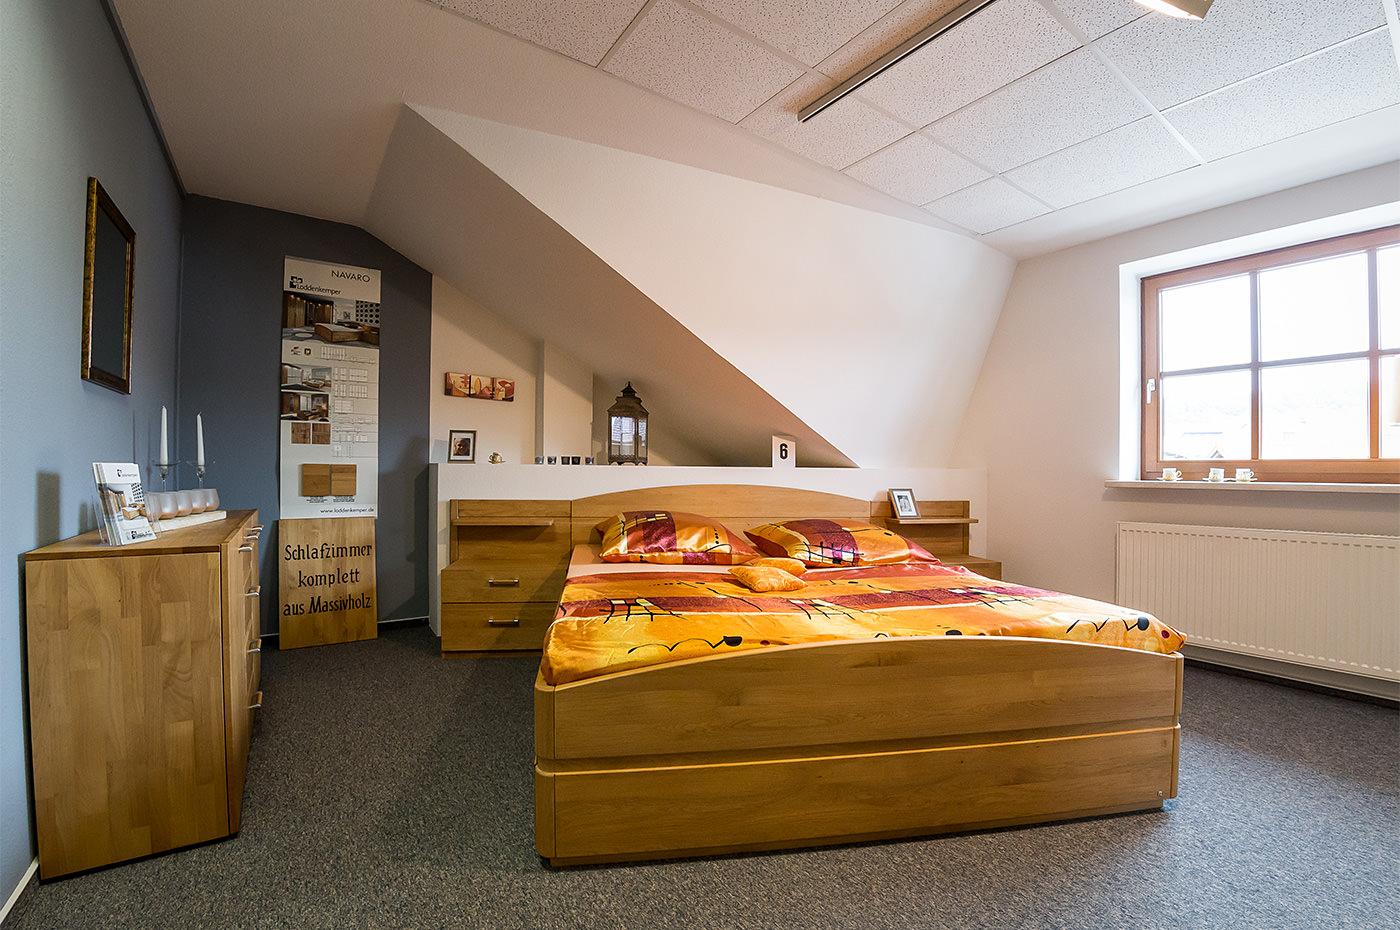 Full Size of Loddenkemper Navaro Schlafzimmermbel Und Esszimmermbel Jetzt Informieren Schlafzimmer Wohnzimmer Loddenkemper Navaro